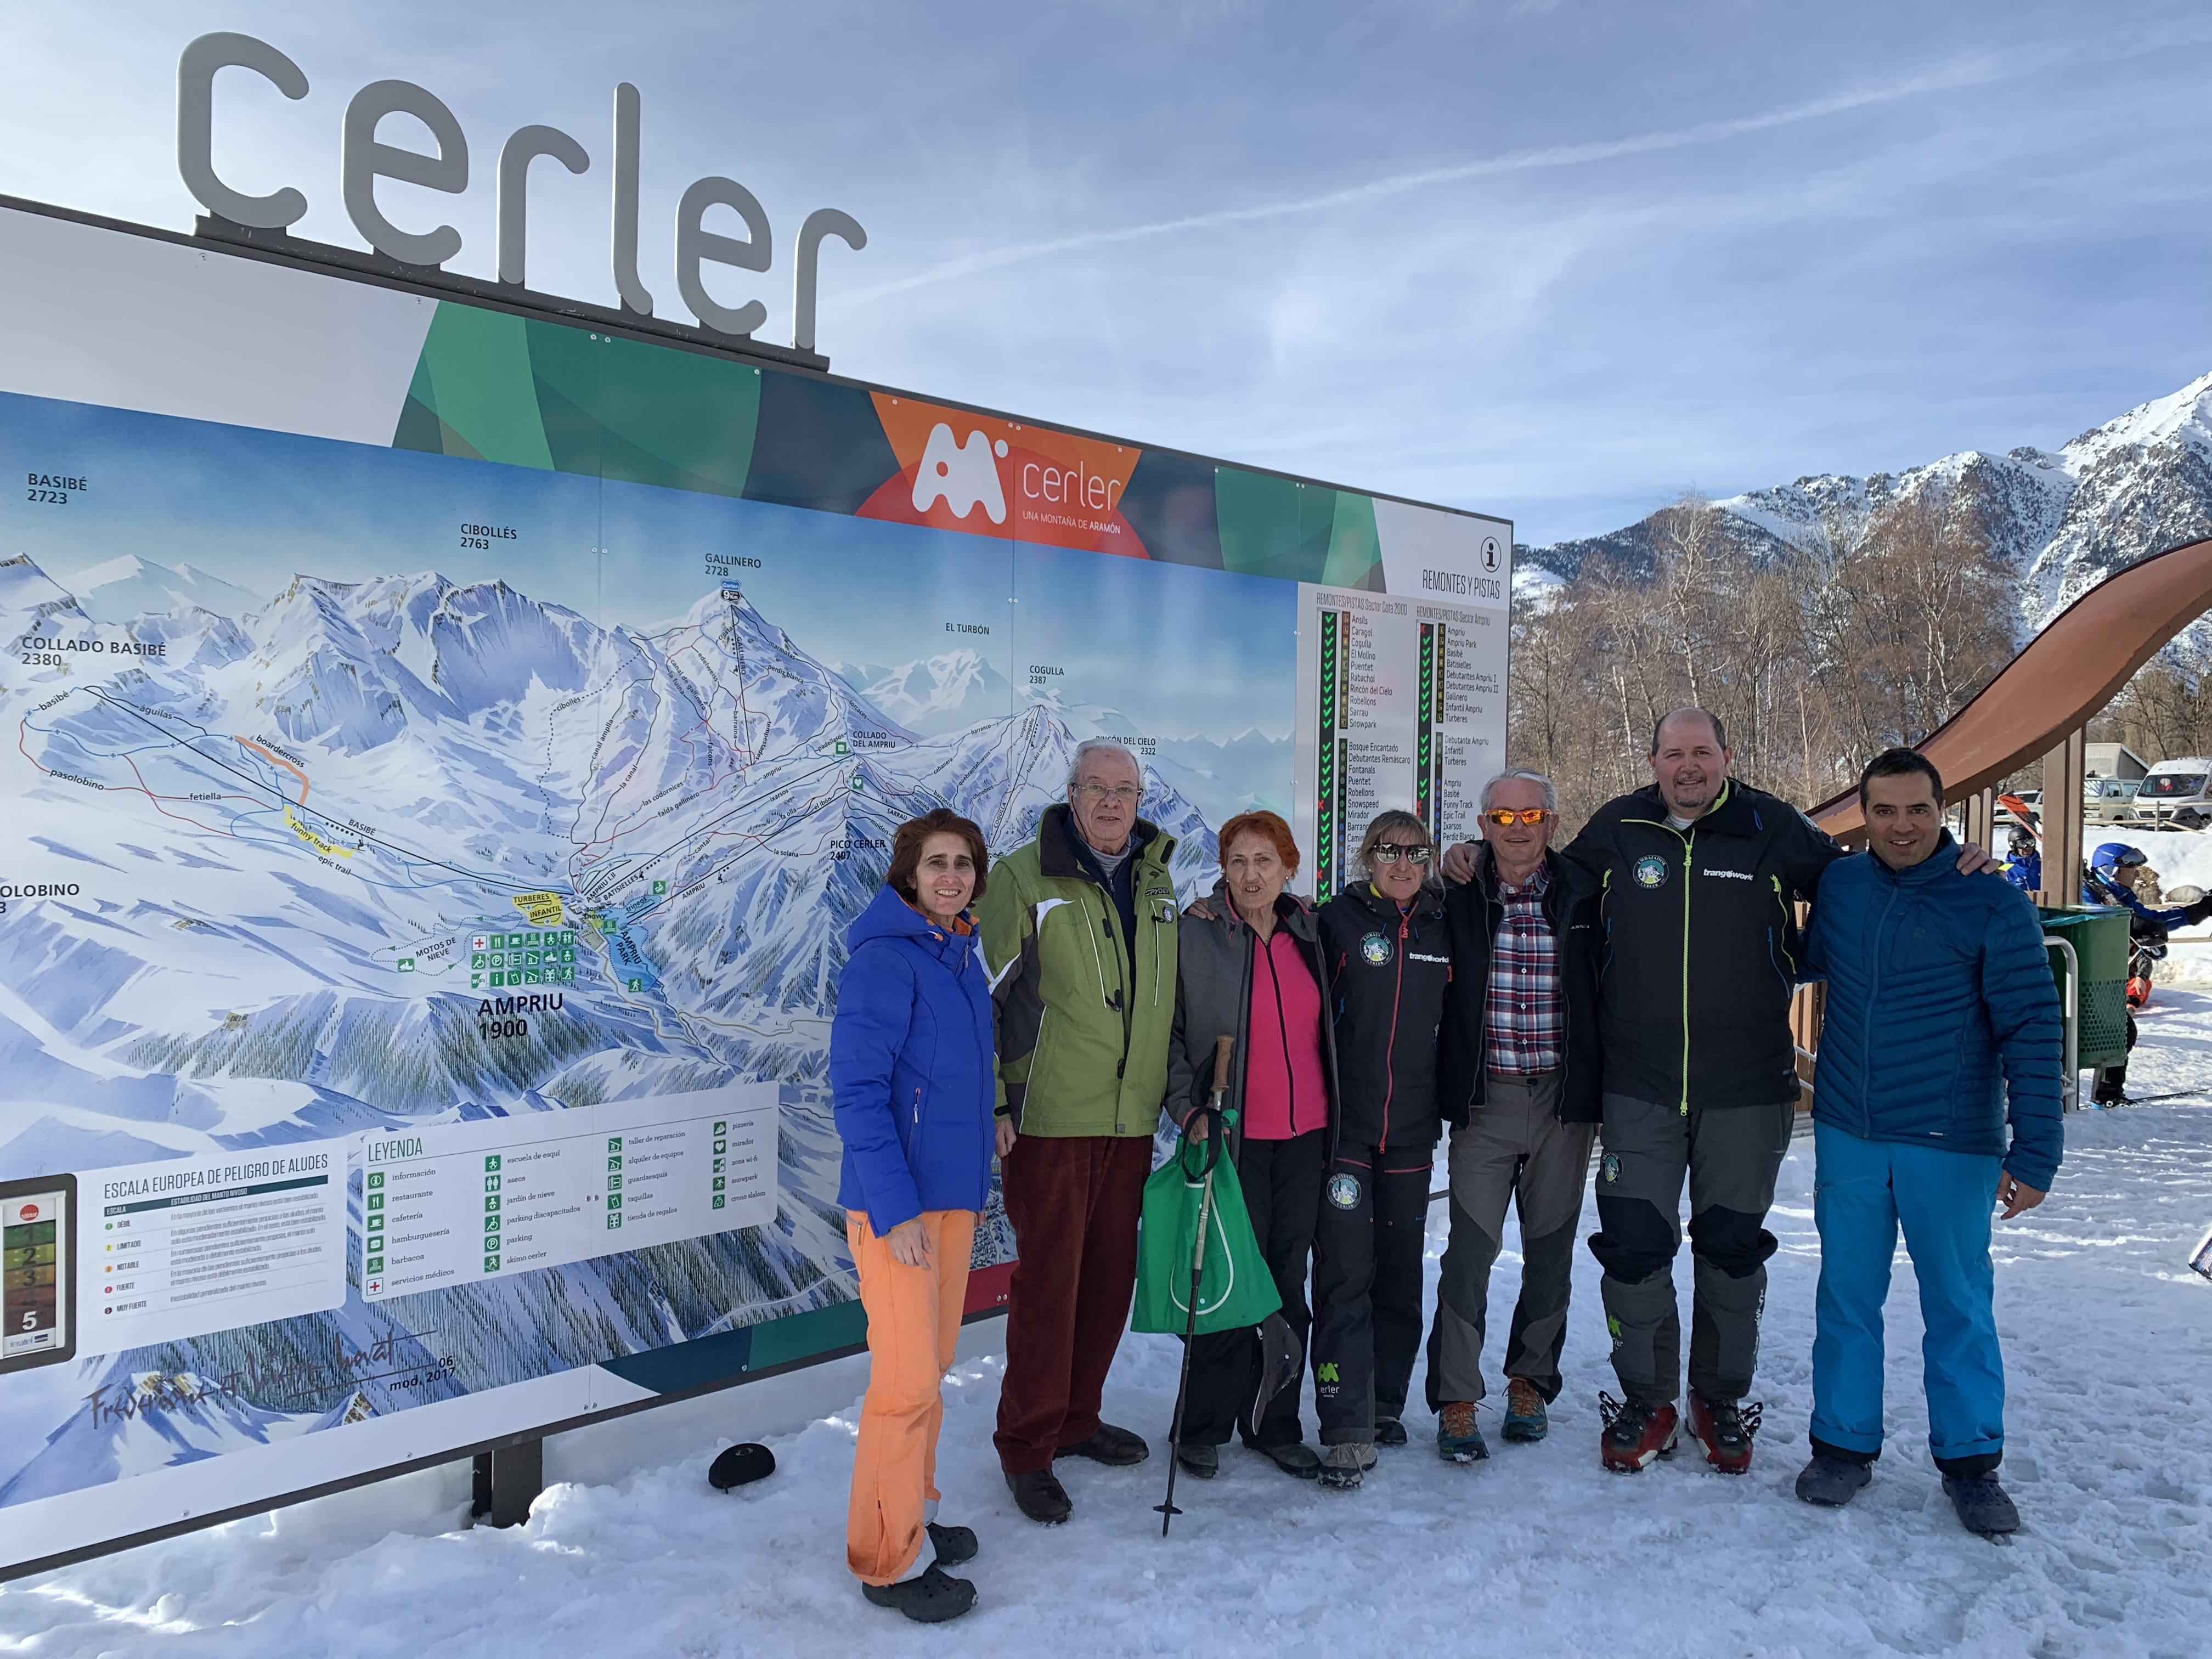 Hablamos de esquí con los embajadores de Cerler